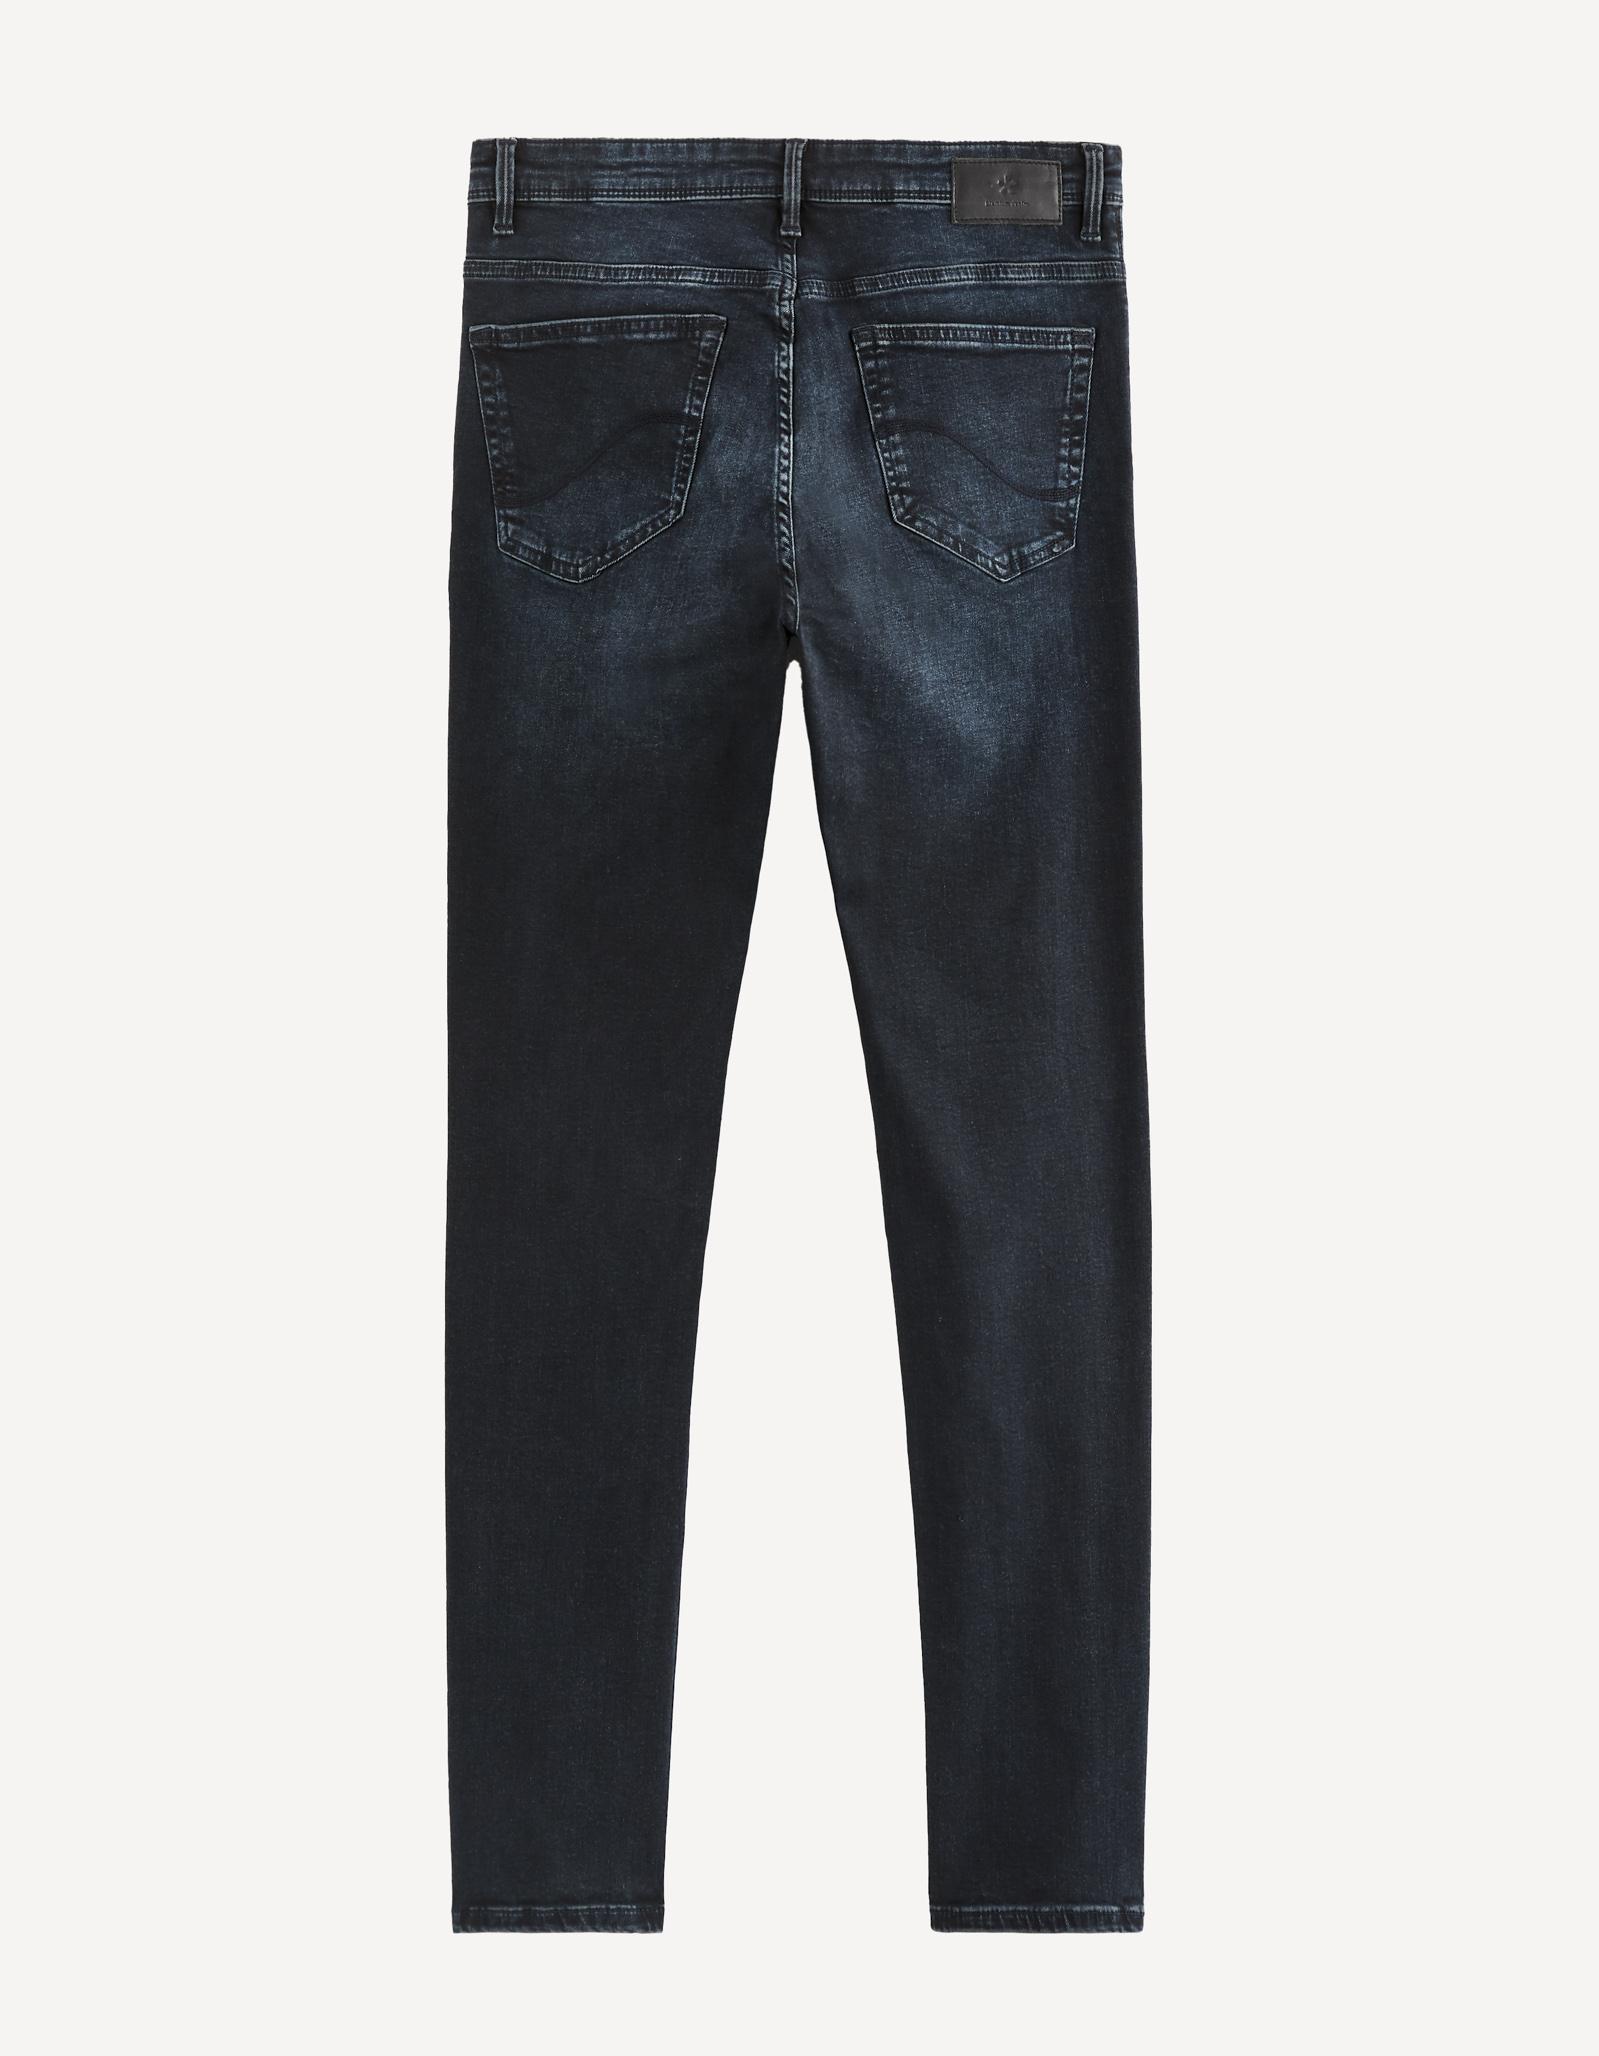 ג'ינס סקיני, חמש כיסים, כותנה נמתחת